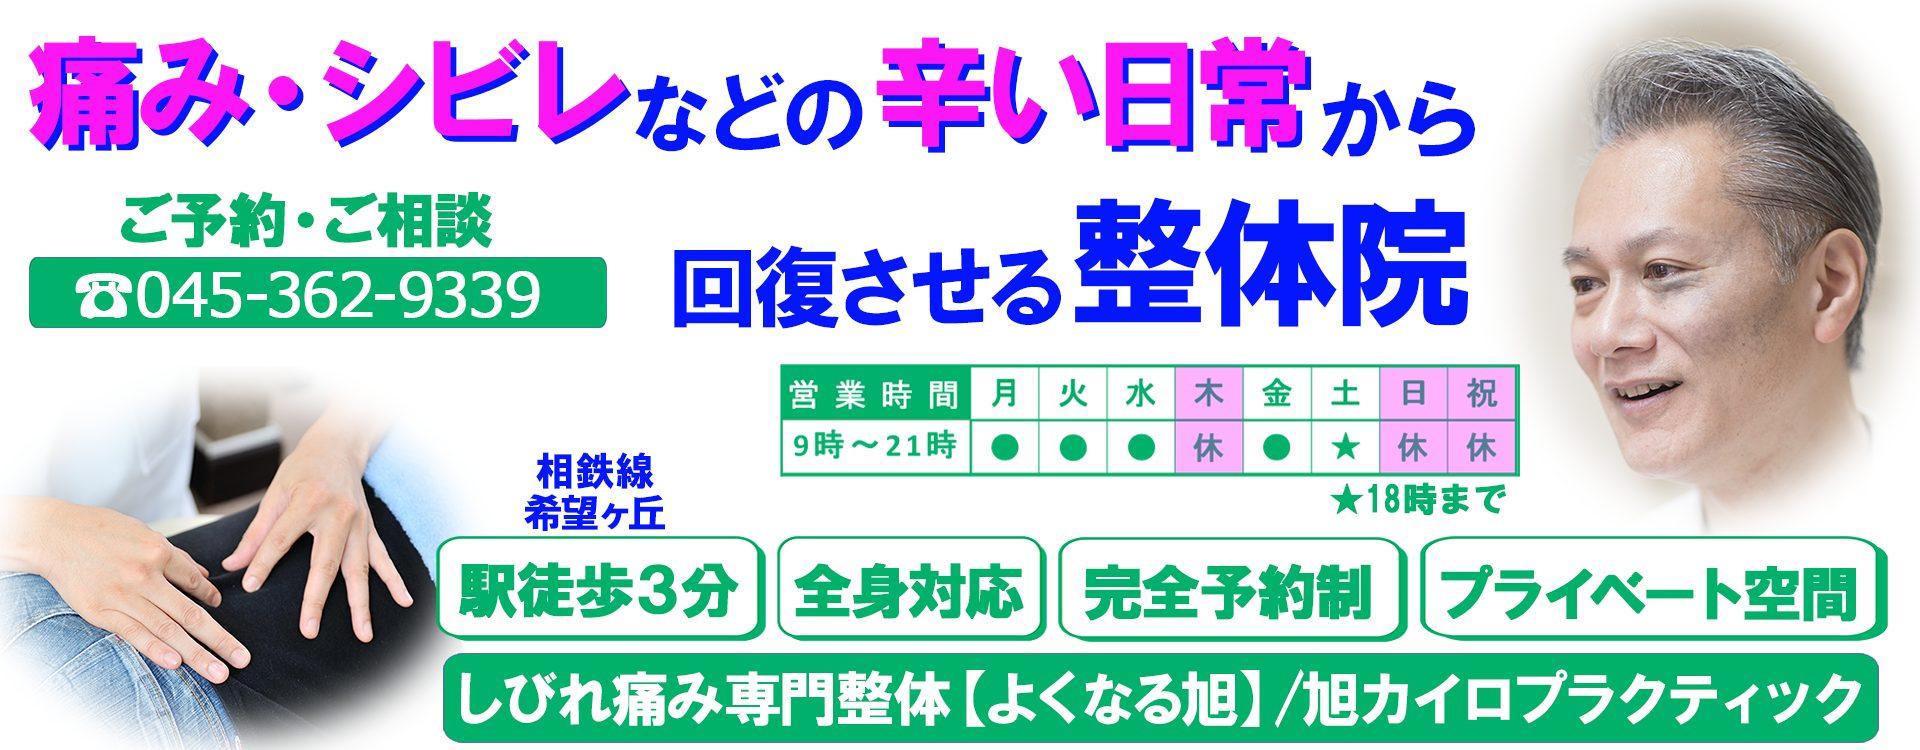 【横浜市旭区】腰痛しびれと痛みの整体院/よくなる旭